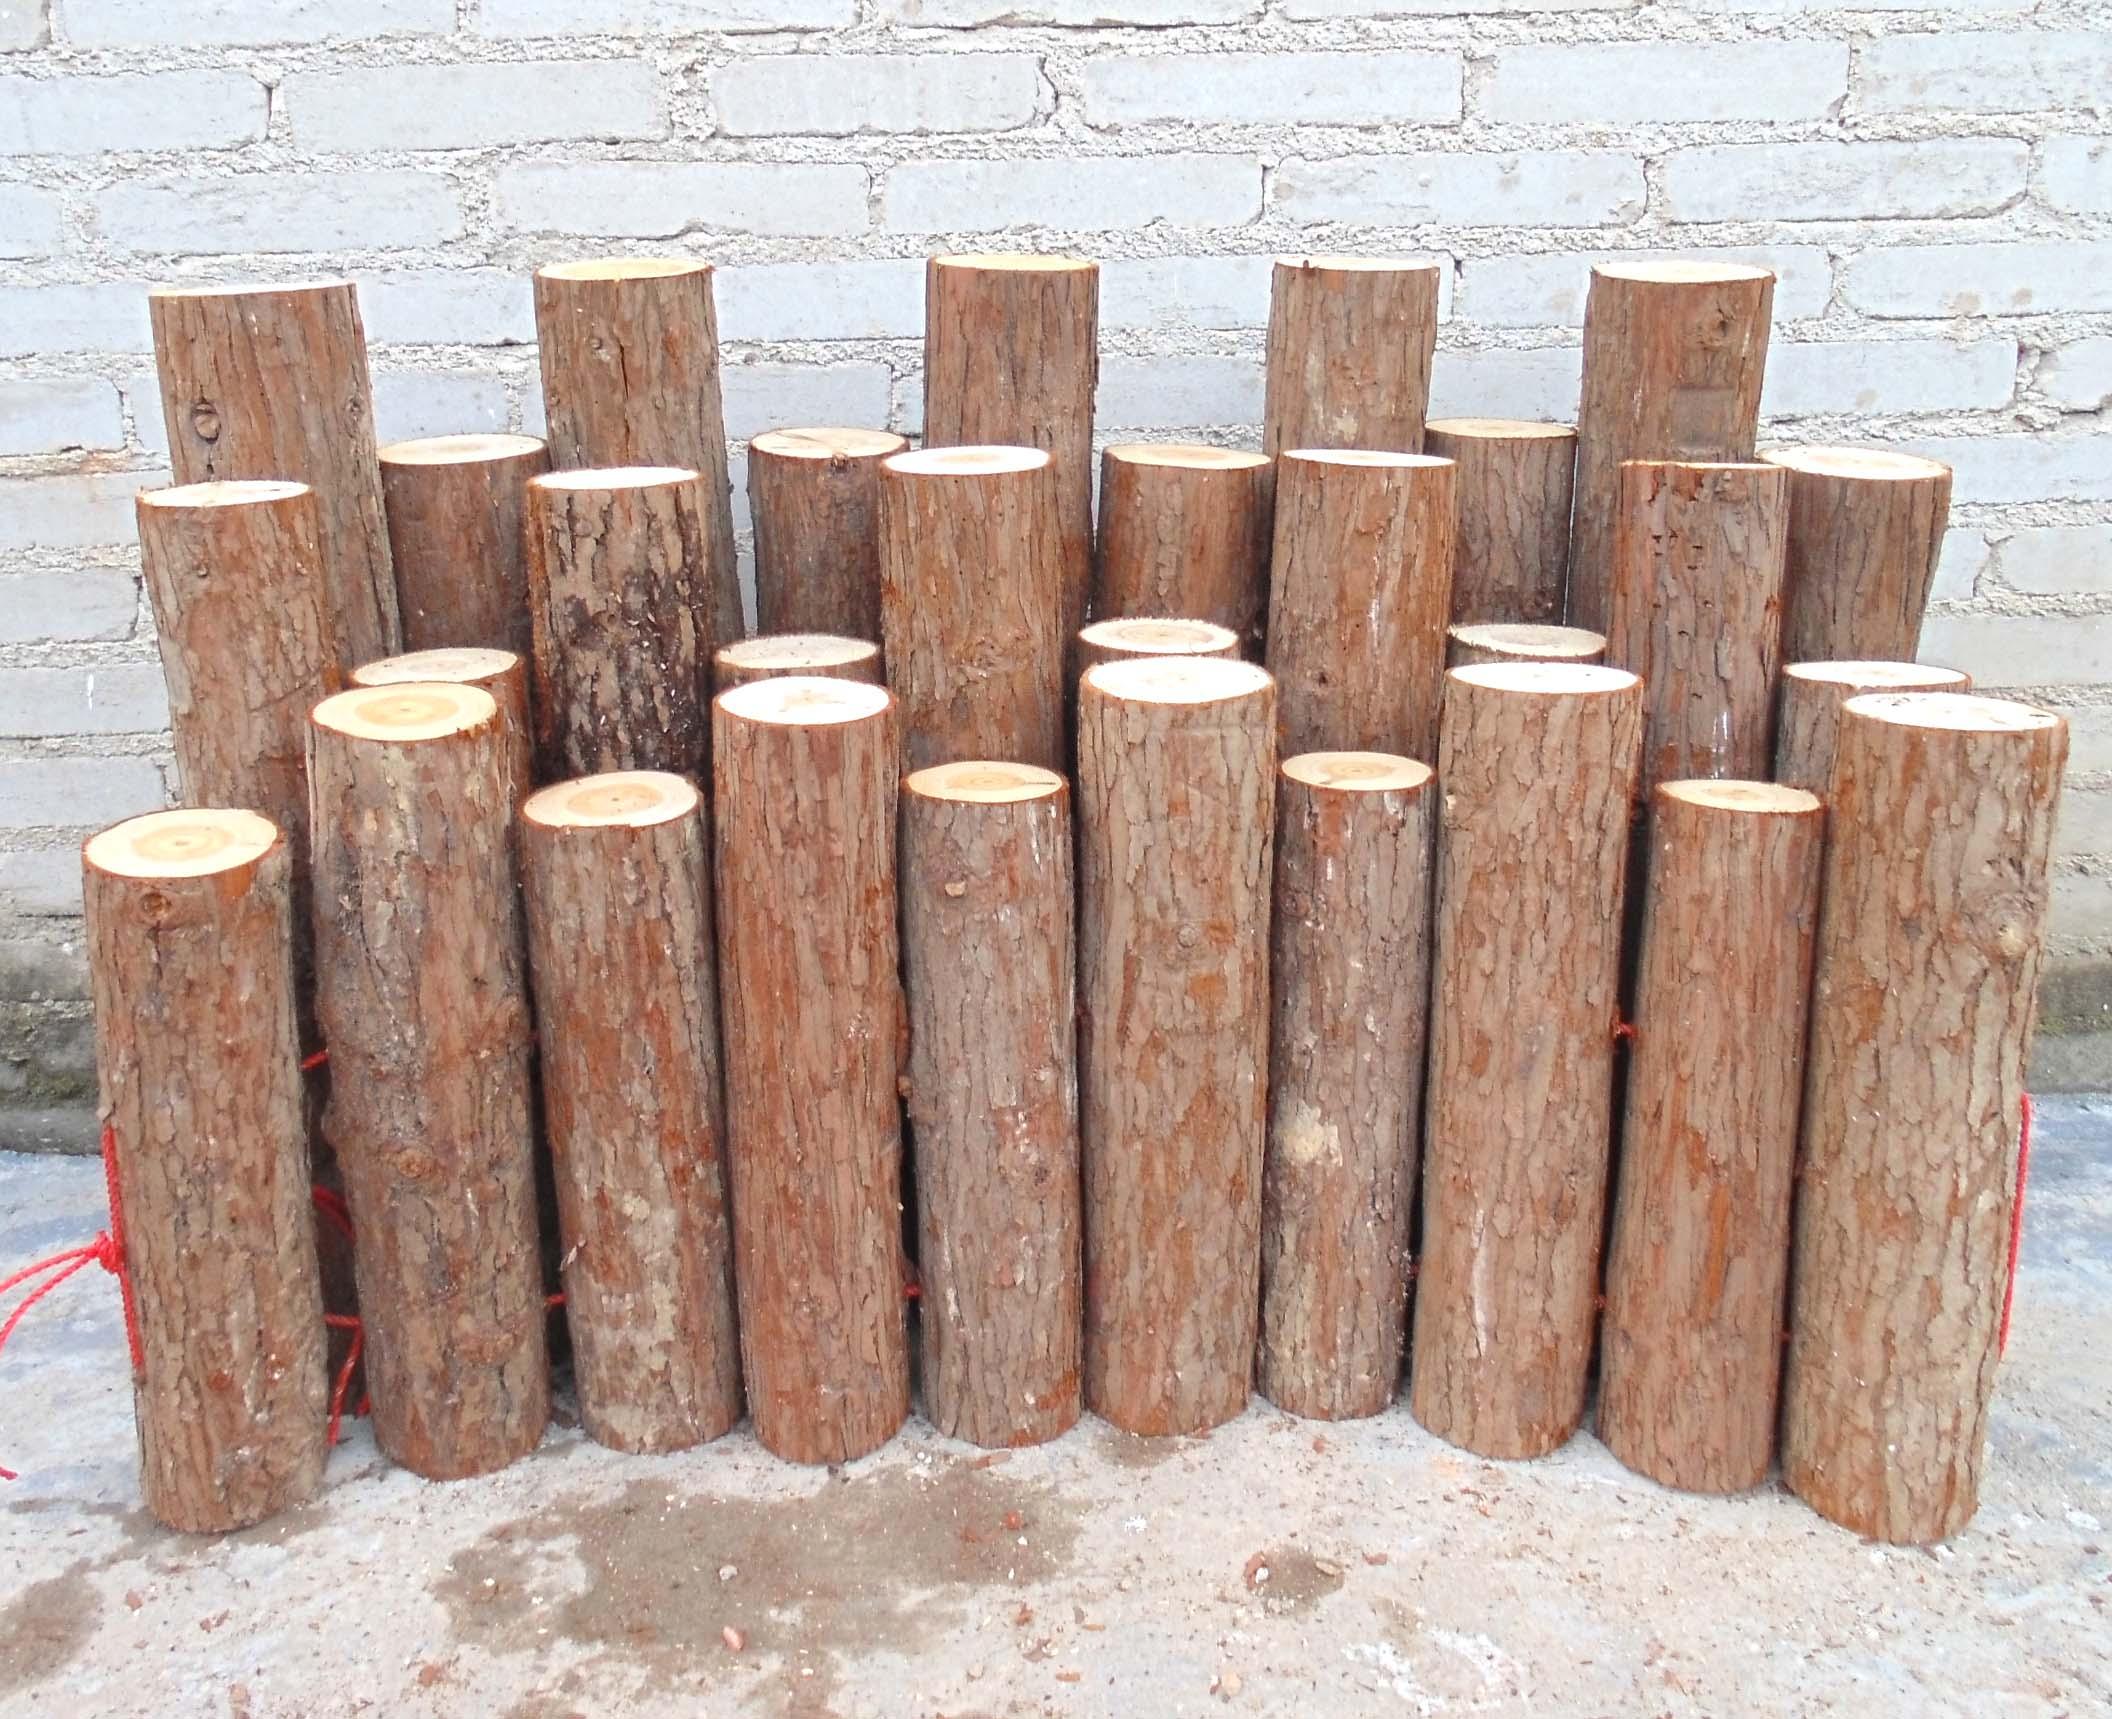 条带围栏皮树墩实木圆木庭院木桩篱笆童装装饰原木杉木果果木柱韩嘟栅栏护栏图片